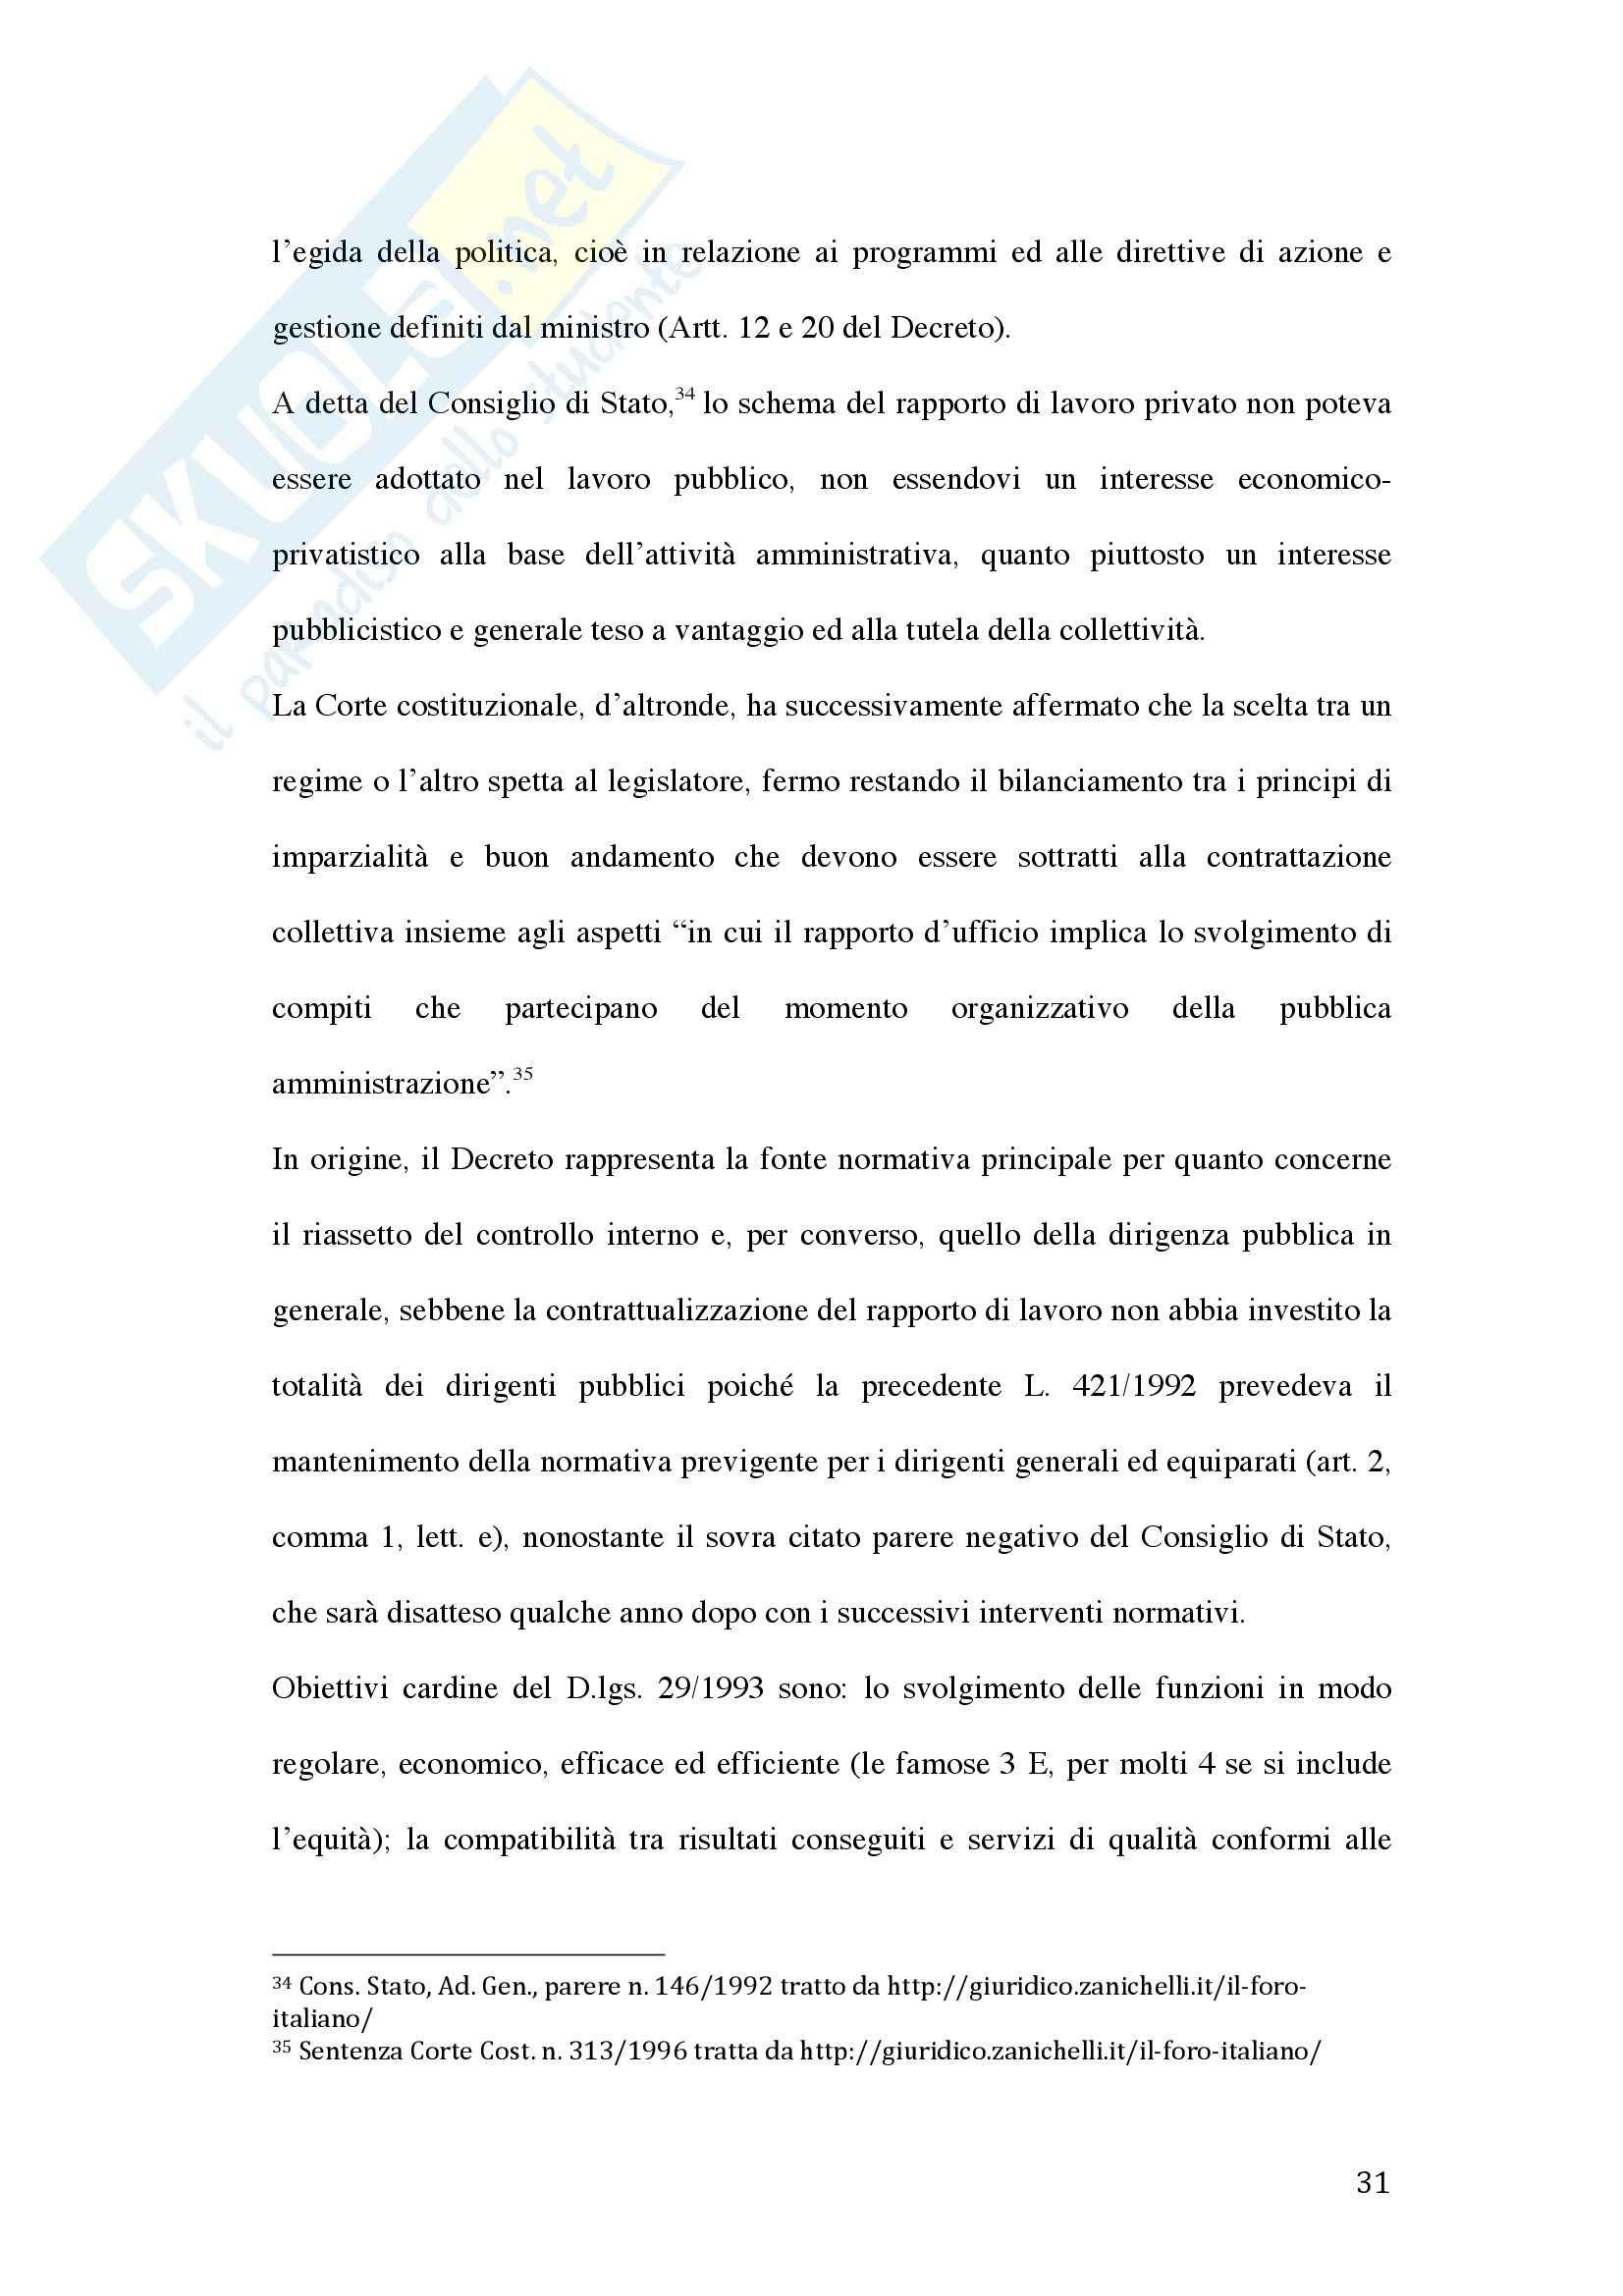 Tesi - La valutazione della dirigenza nelle pubbliche amministrazioni Pag. 31